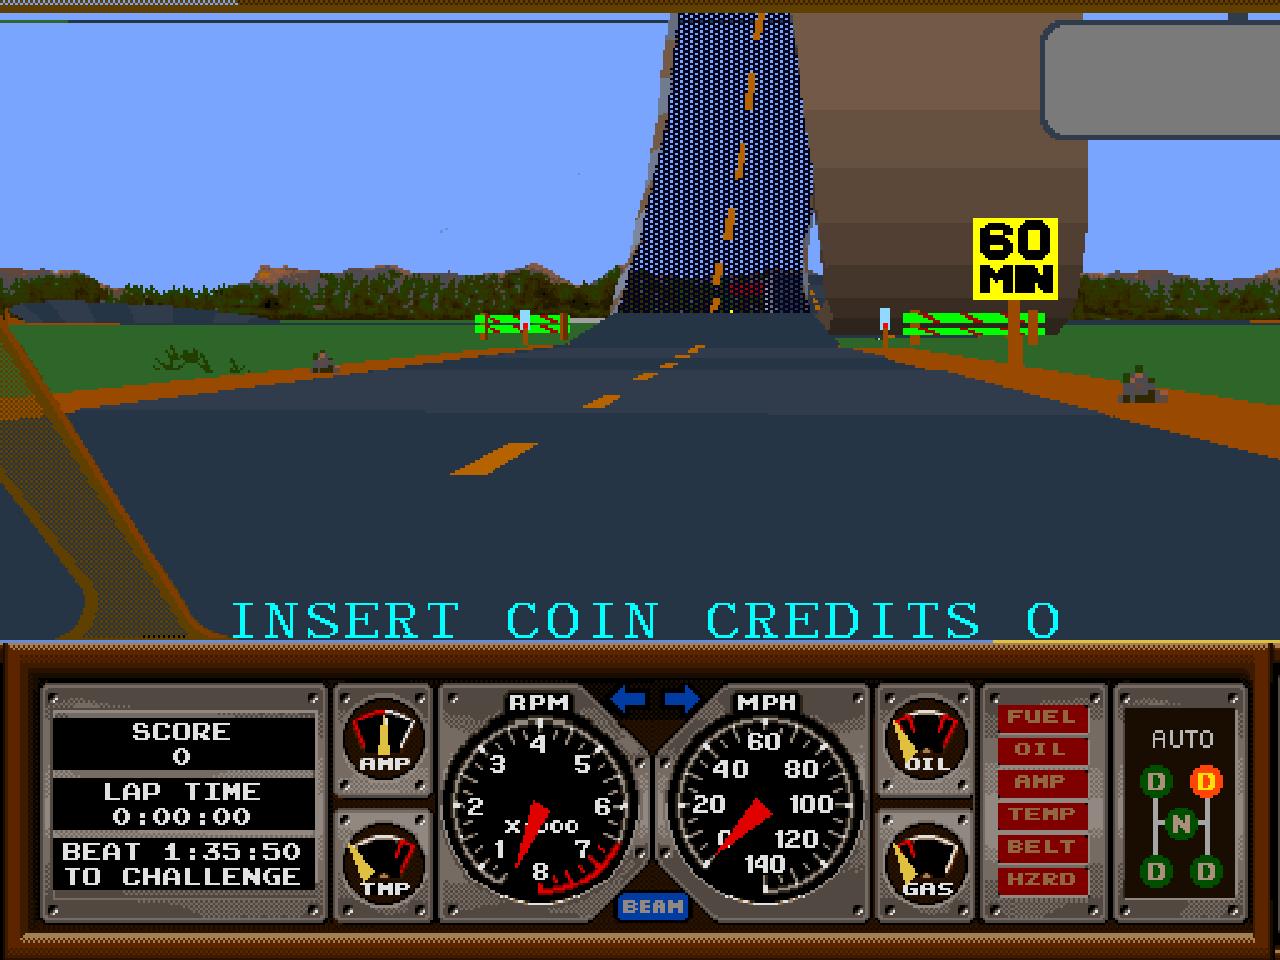 Aufgrund der beeindruckenden 3D-Polygone-Engine wurde Hard Drivin` zum Vor- und Wegbereiter für Namcos spätere 3D-Arcadesimulationen. (Bild: Atari)